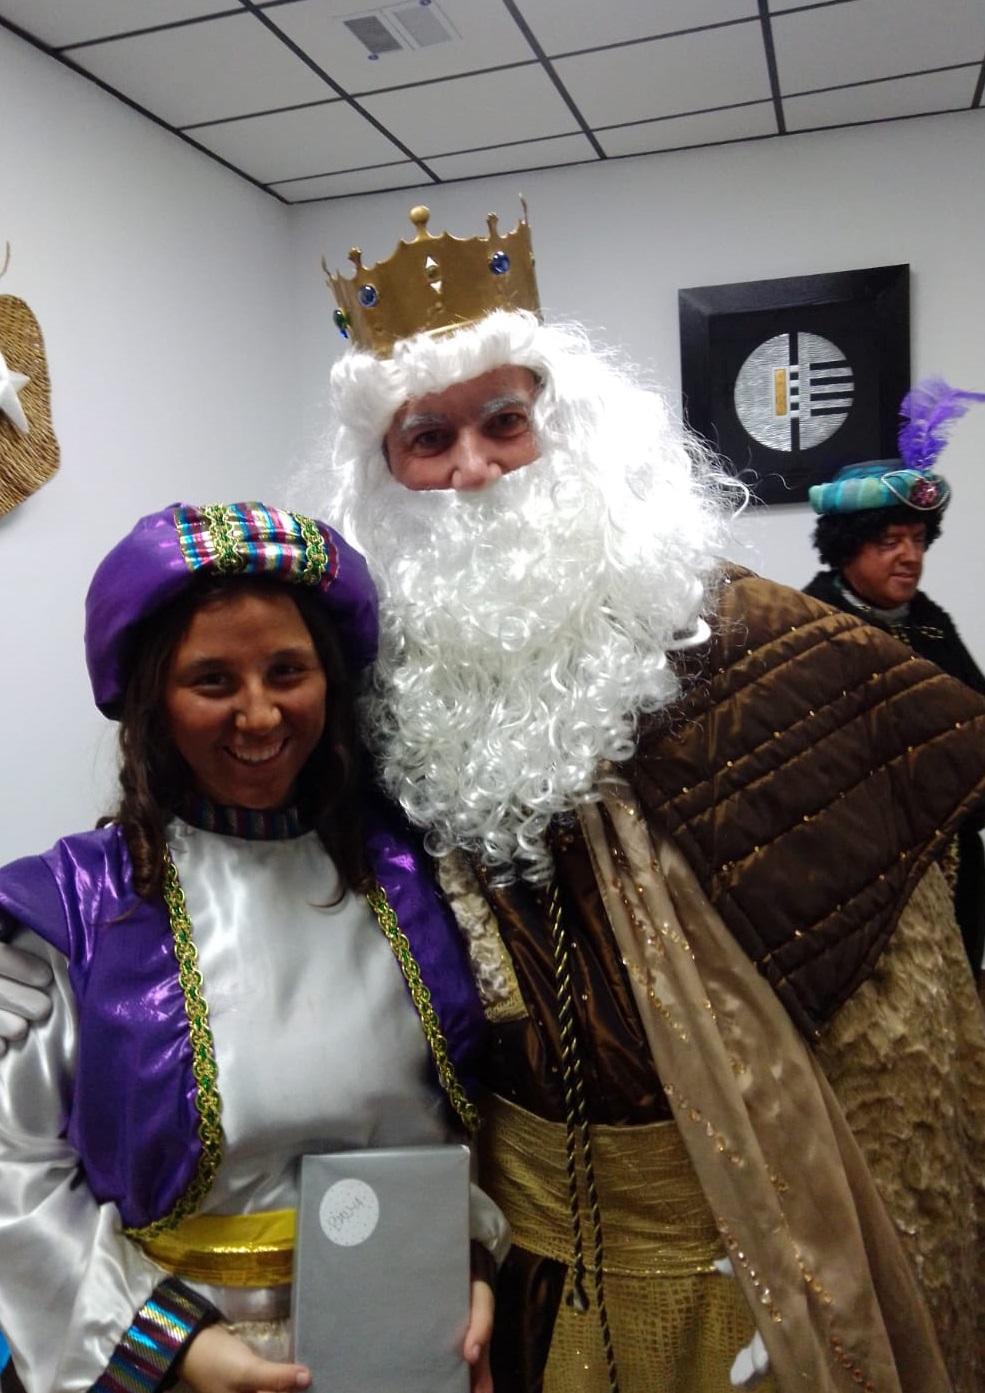 Copia de Reyessequioleros-2020-01-08-20-18-45